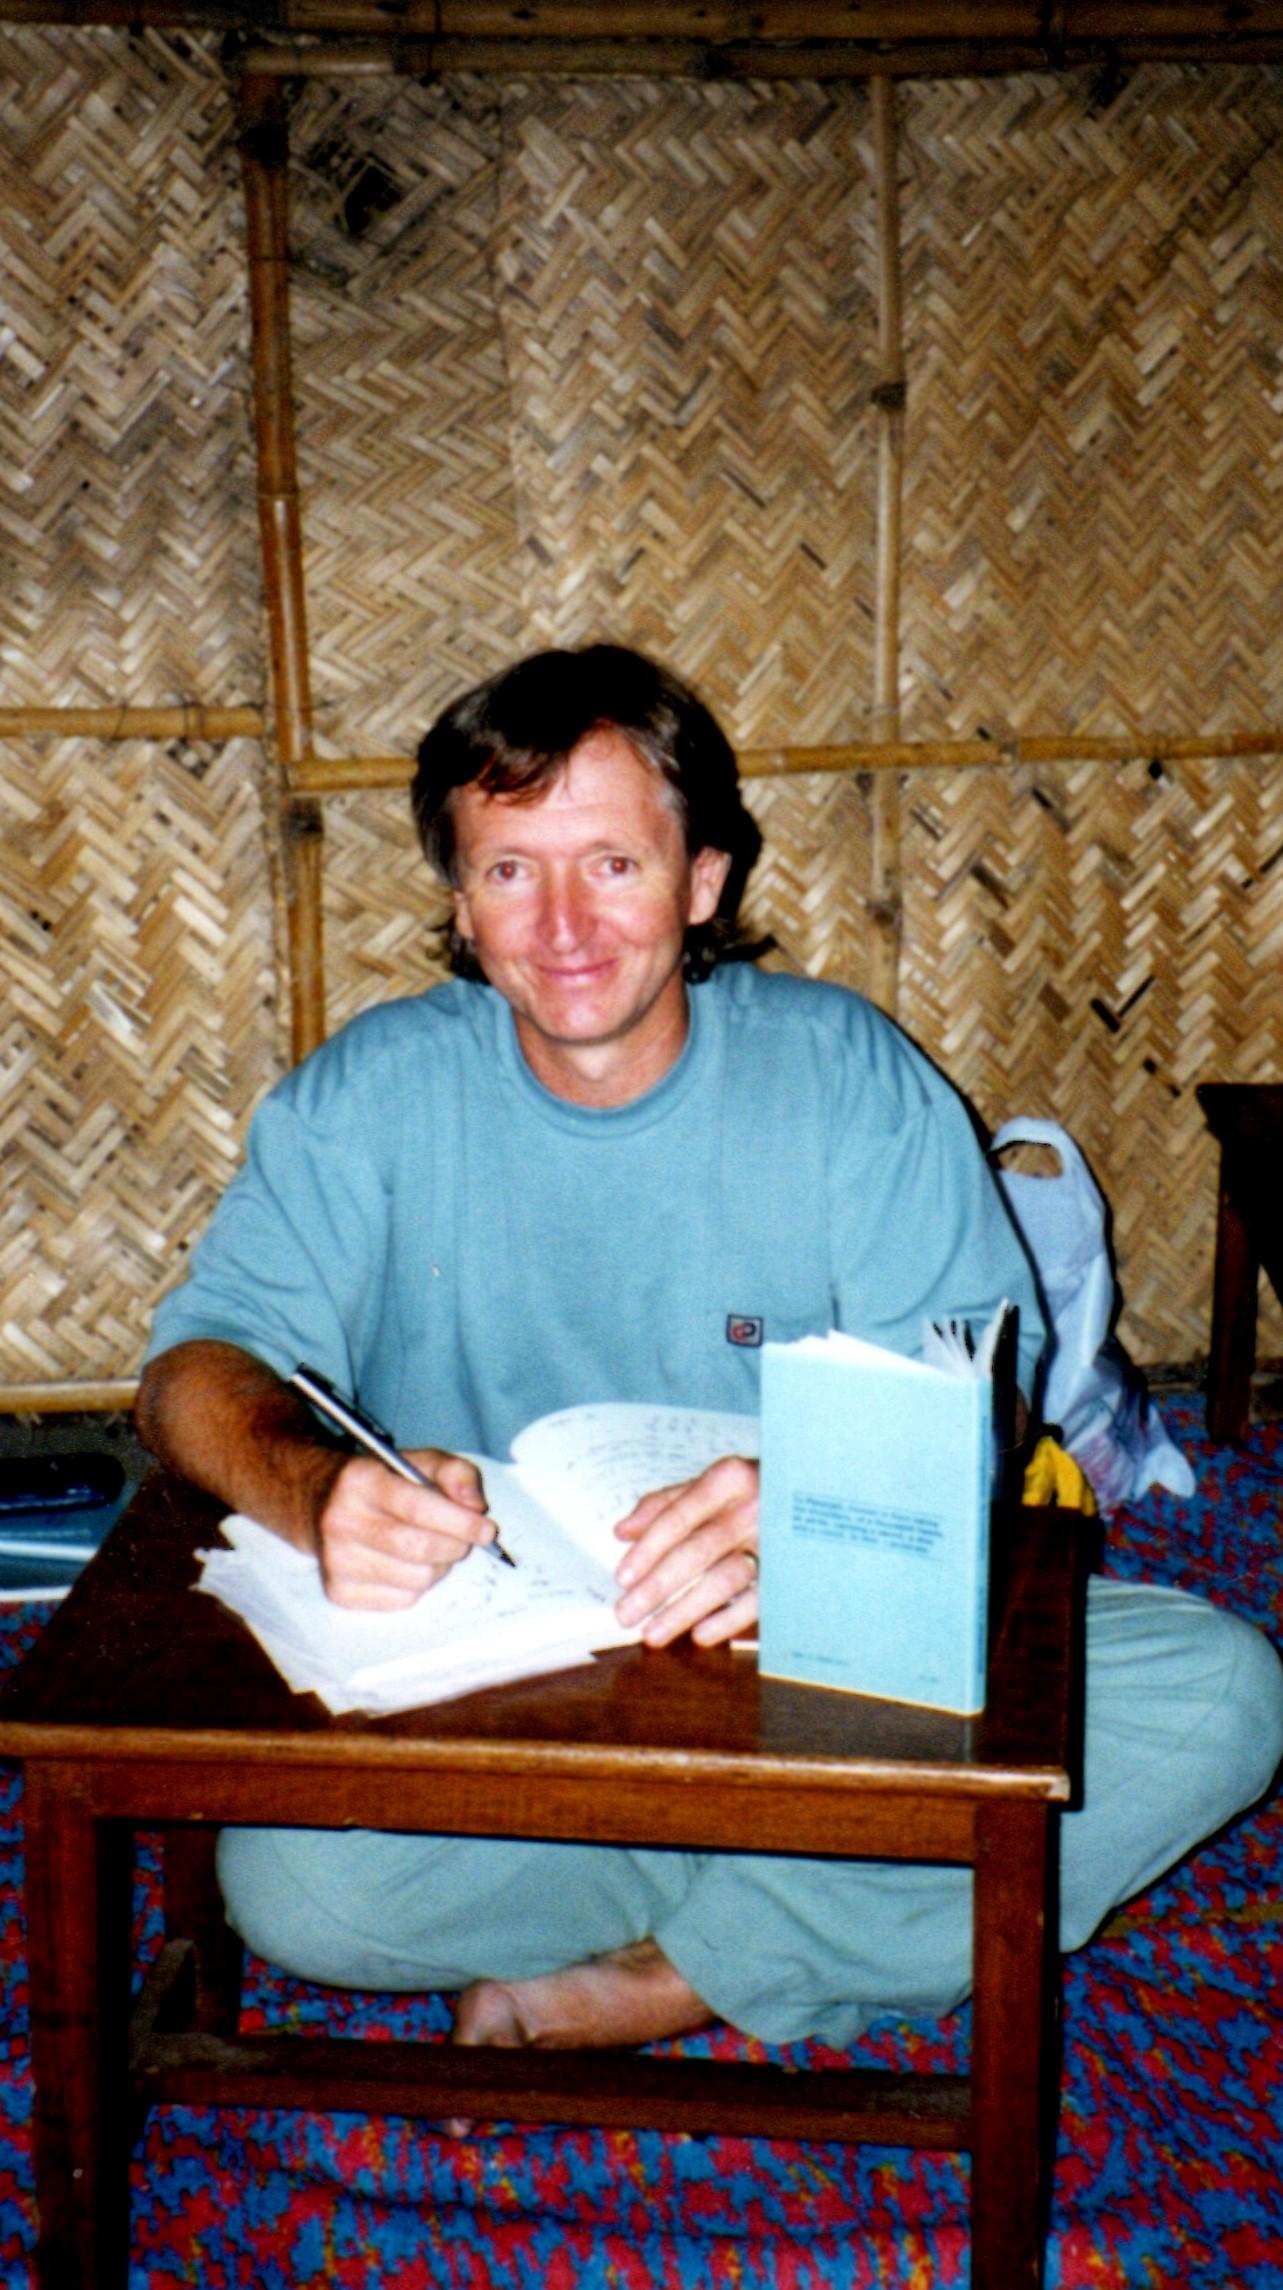 Peter at KYM Chennai 1996